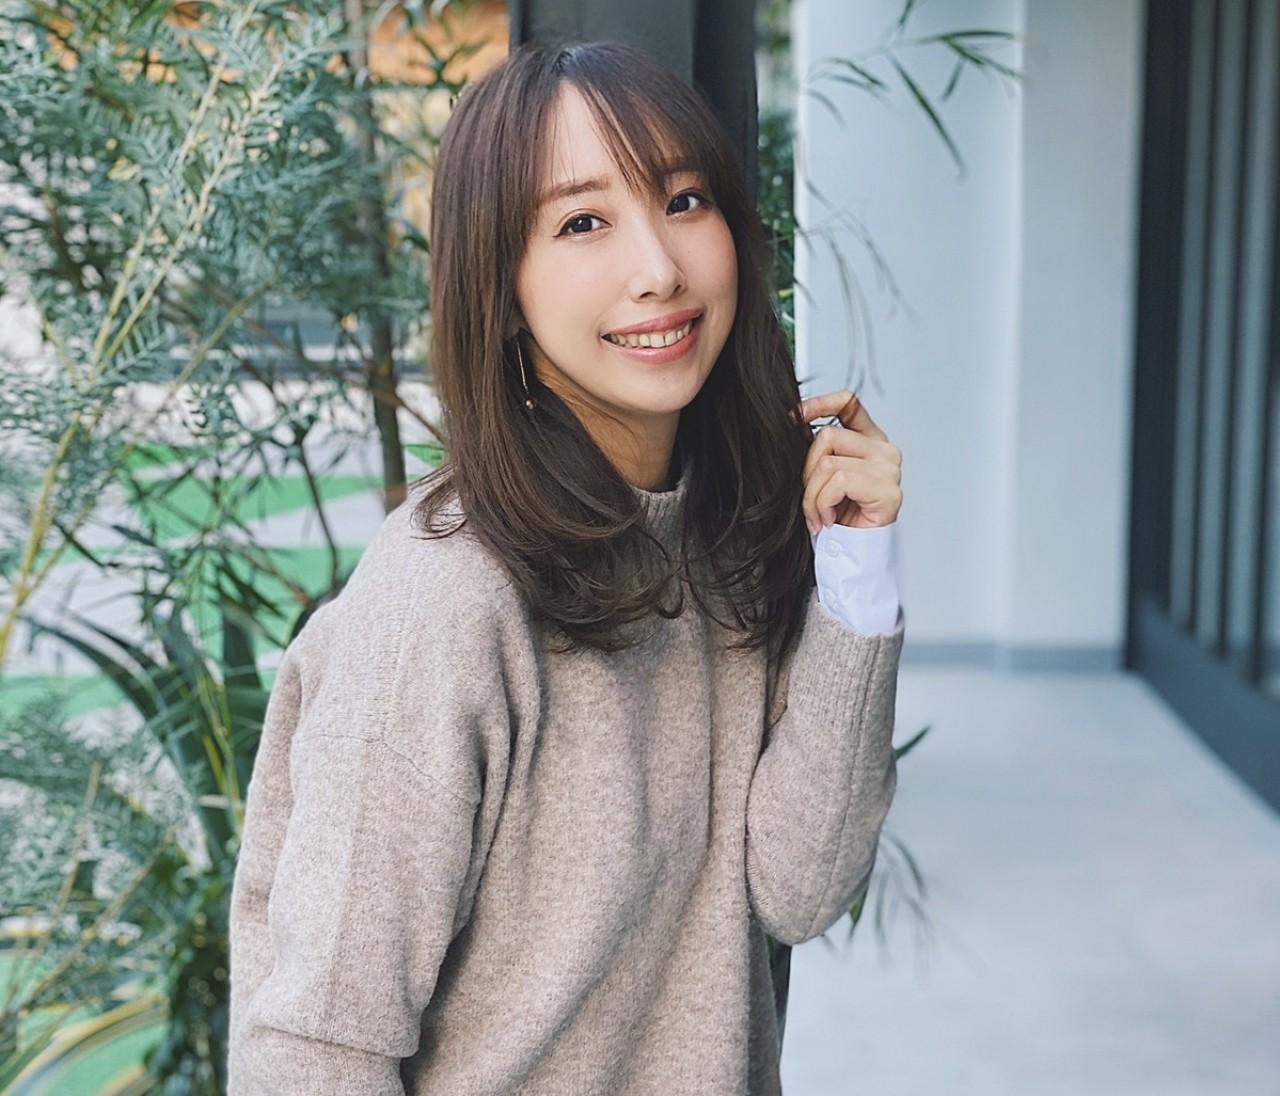 ユニクロニット【双子妹・晴菜ならこう着る!】